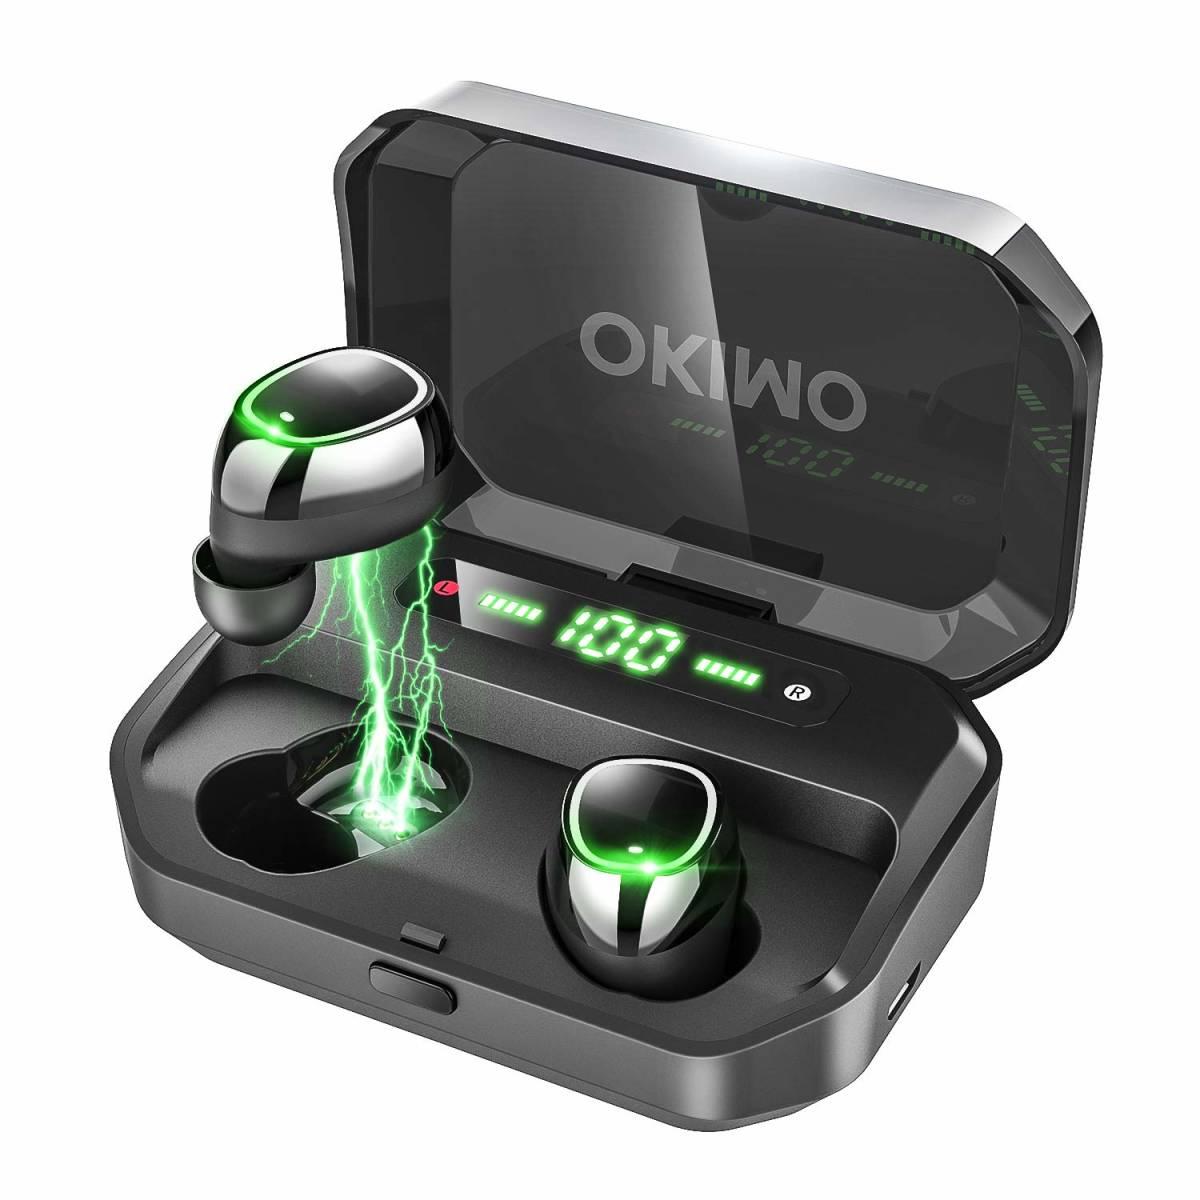 新品●【2019最新版 LEDディスプレイ Bluetooth イヤホン 】 ワイヤレスイヤホン 電池残量インジケーター付き イヤホン Hi-Fi 高音質 Q7284